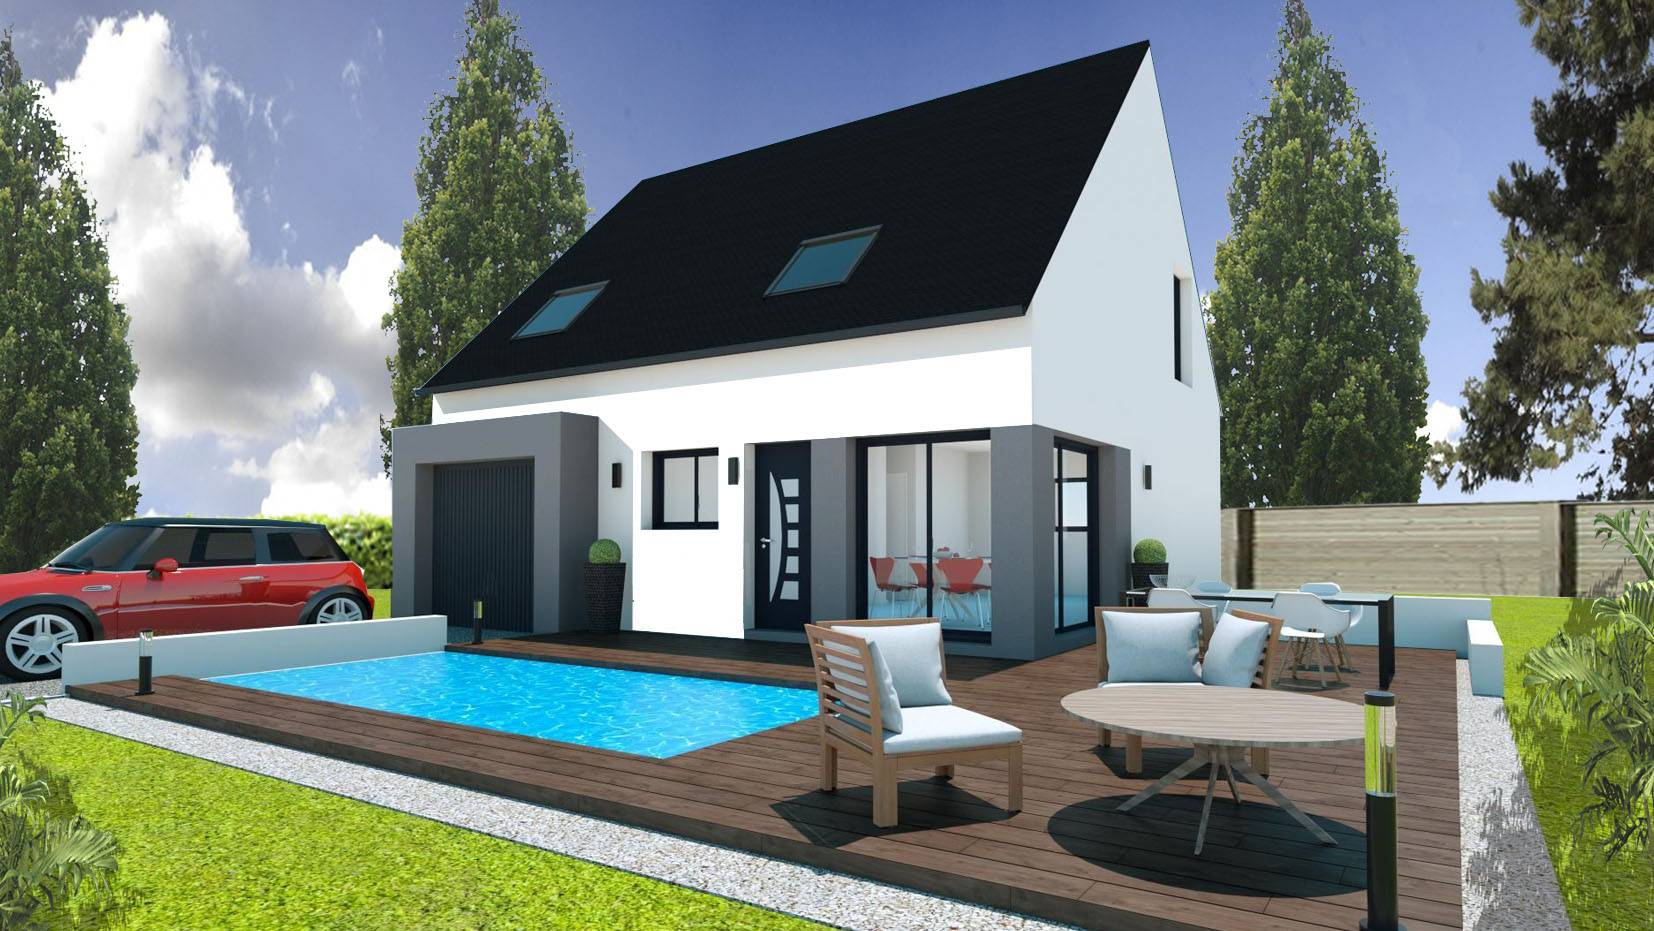 Investir dans une maison neuve maisons pep 39 s for Ascenseur dans une maison